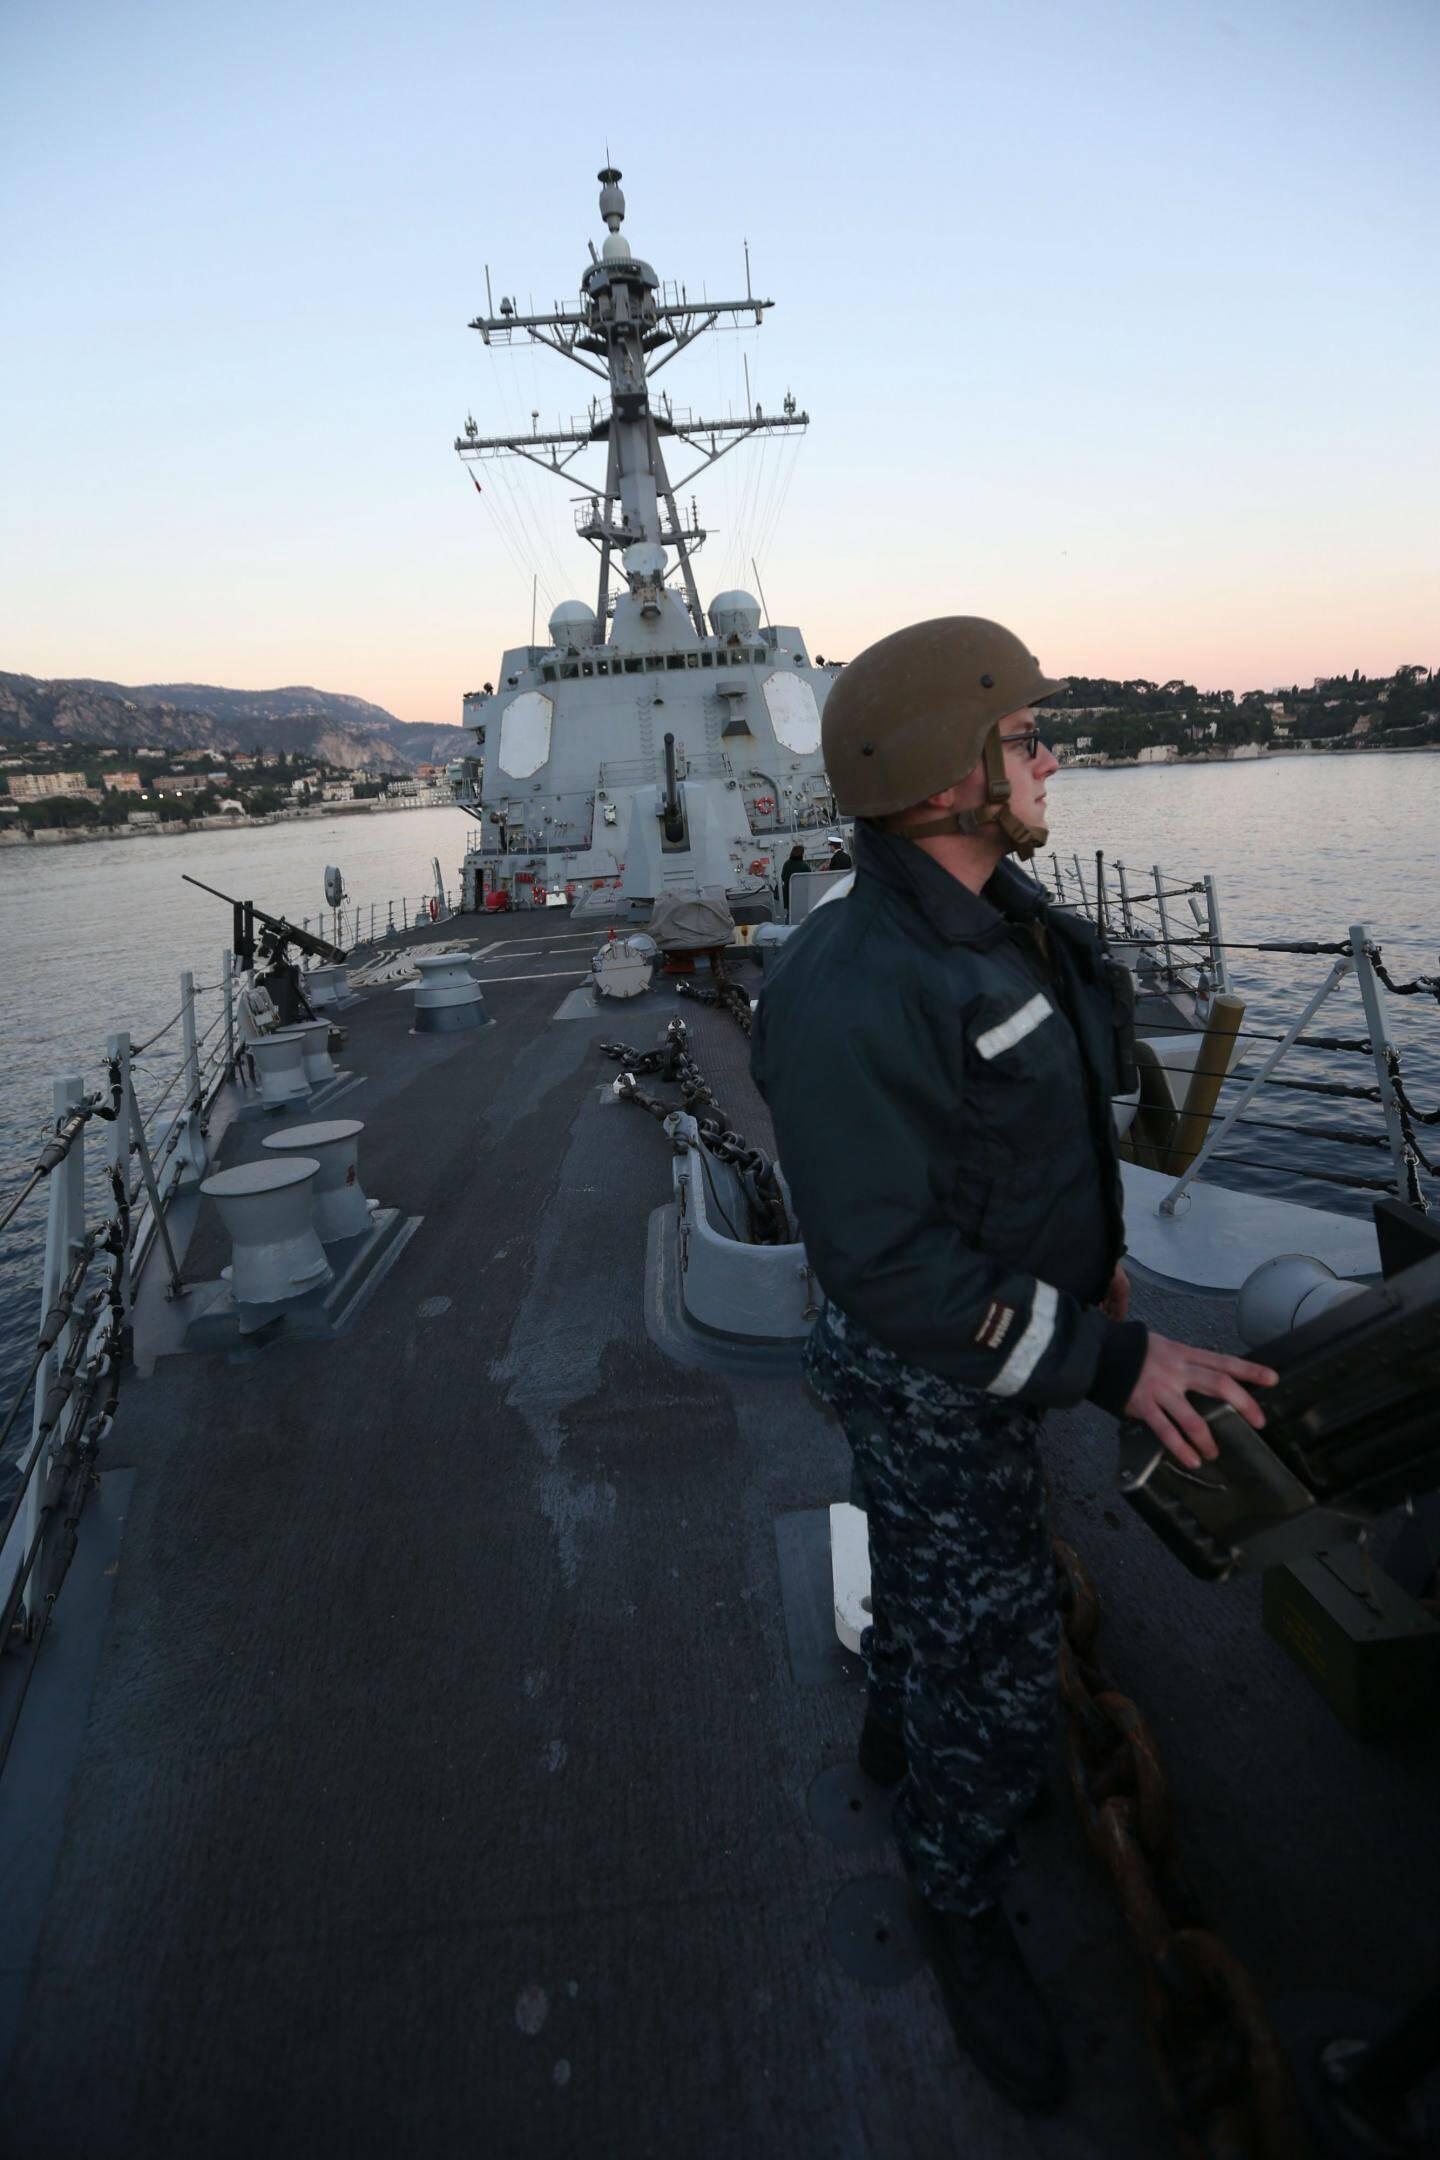 Sur le pont supérieur de ce destroyer Américain , les «Marines» sont à leur poste de surveillance, 24heures sur 24 et sept jours sur sept.